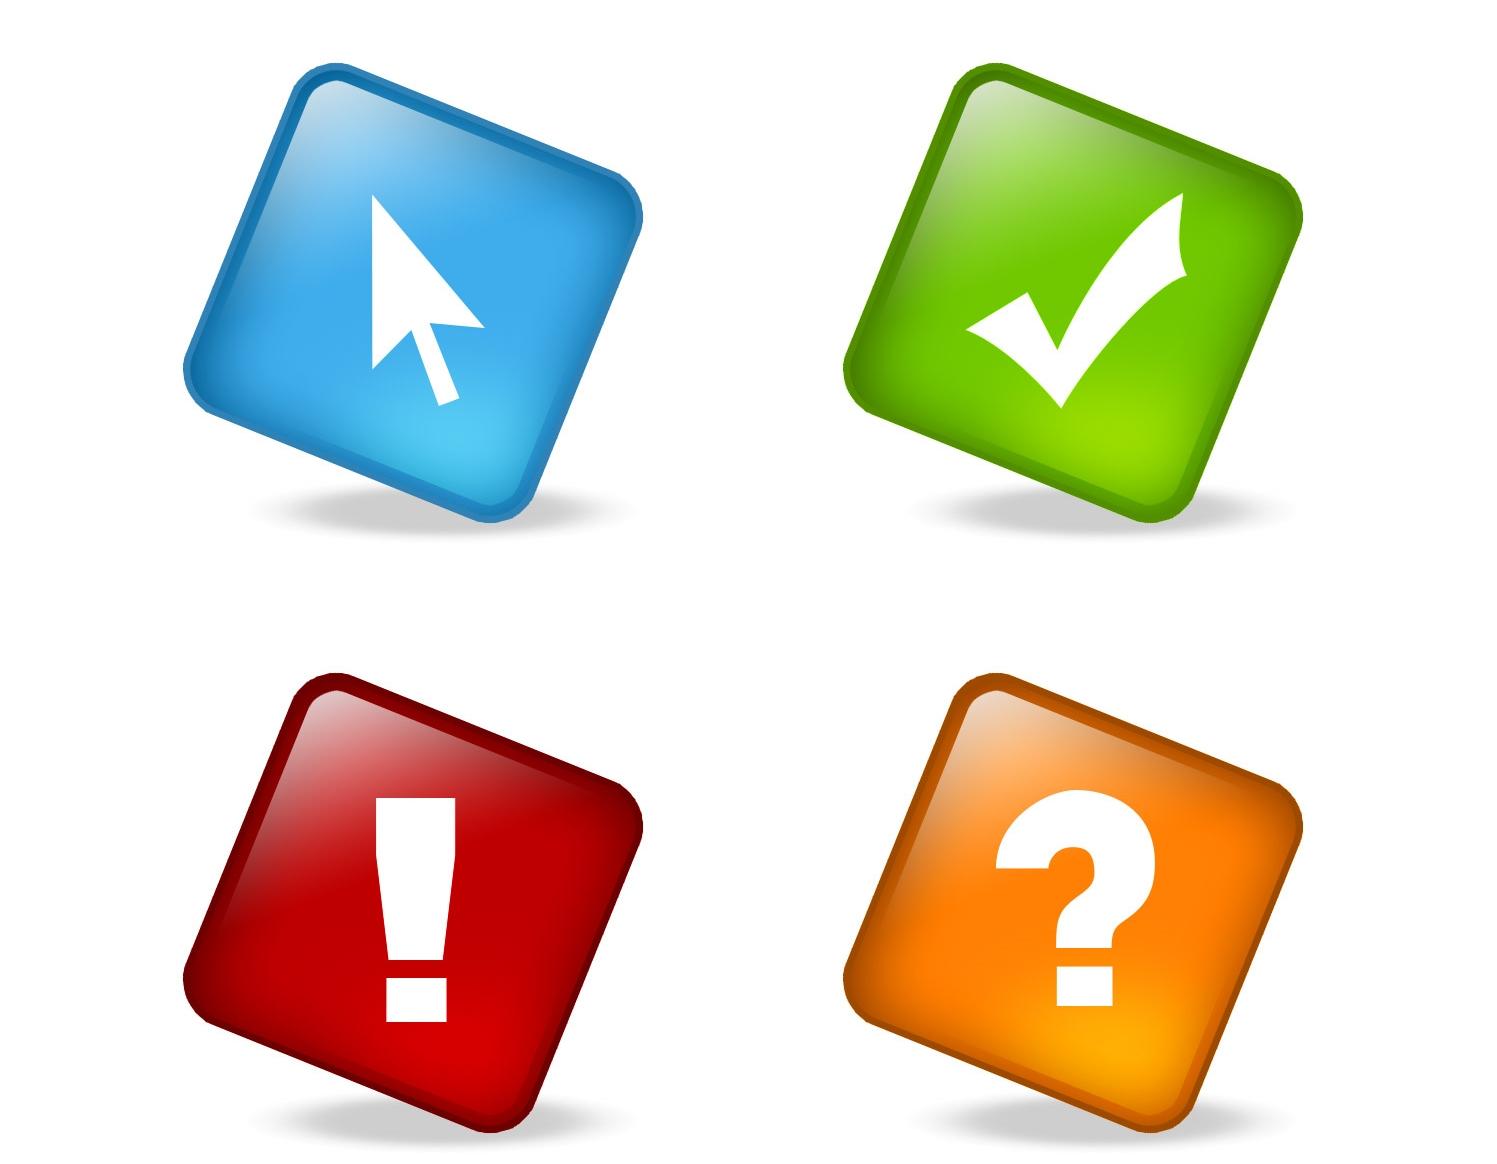 Jak splácí své úvěry klienti stavebních spořitelen?